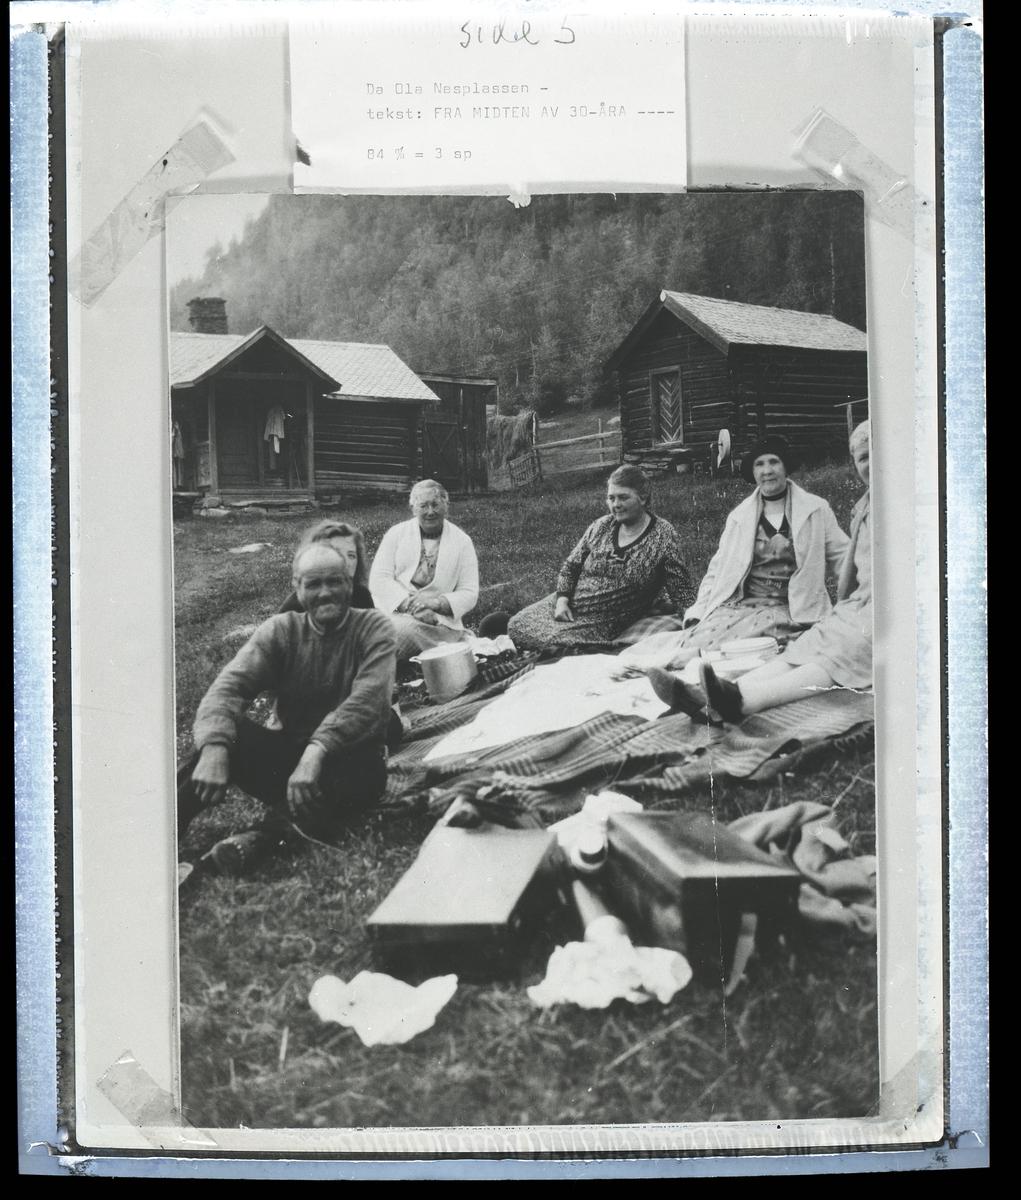 Kvinner og menn sitter på et teppe på grasmarken utenfor et mindre  hus i tømmer. Det er også ei tømra bu på tunet. I bakgrunnen sees hesjer med for på.